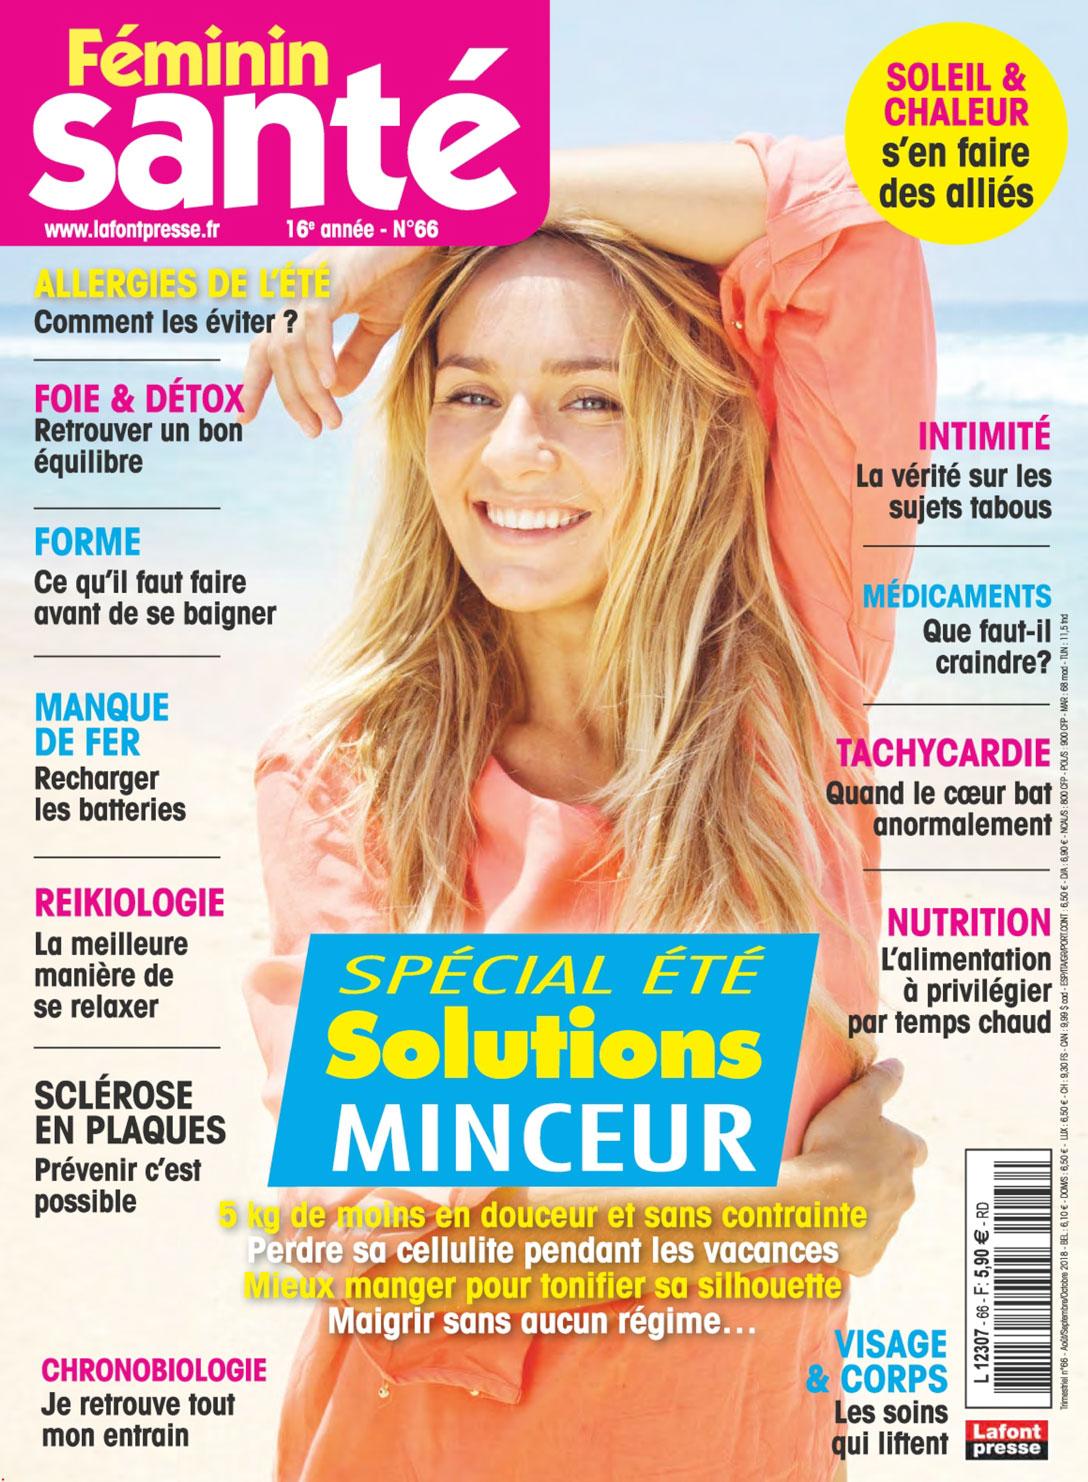 Feminin_Sante_-_Aout-Octobre18-1.jpg